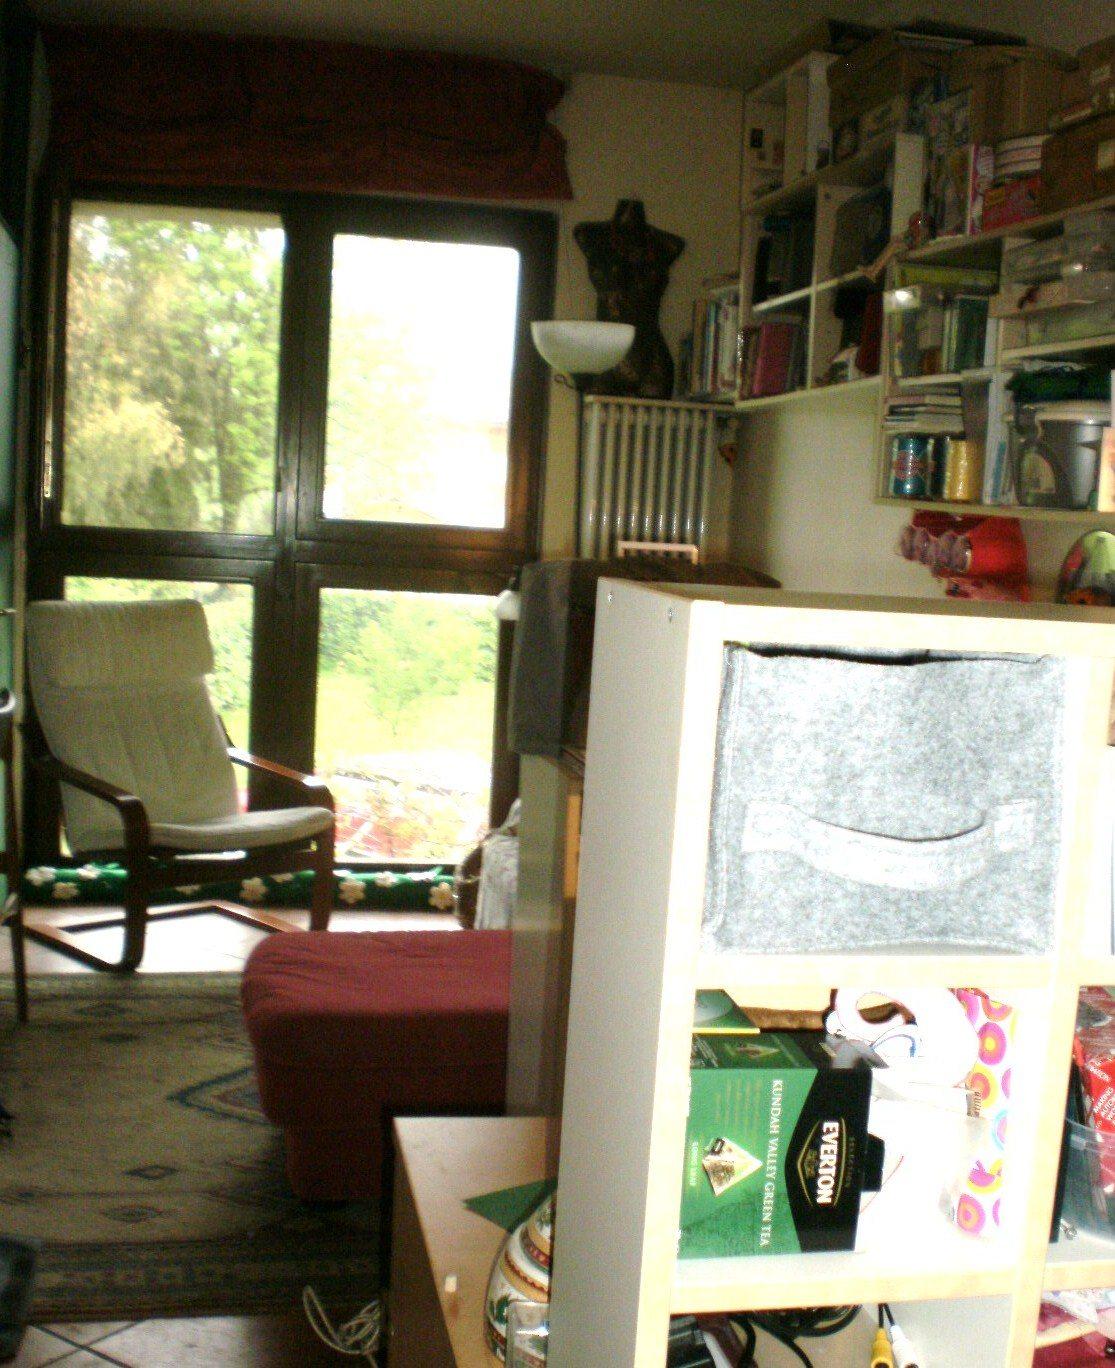 Le mini dai monti il mio angolo creativo mon coin for La stanza degli ospiti libro